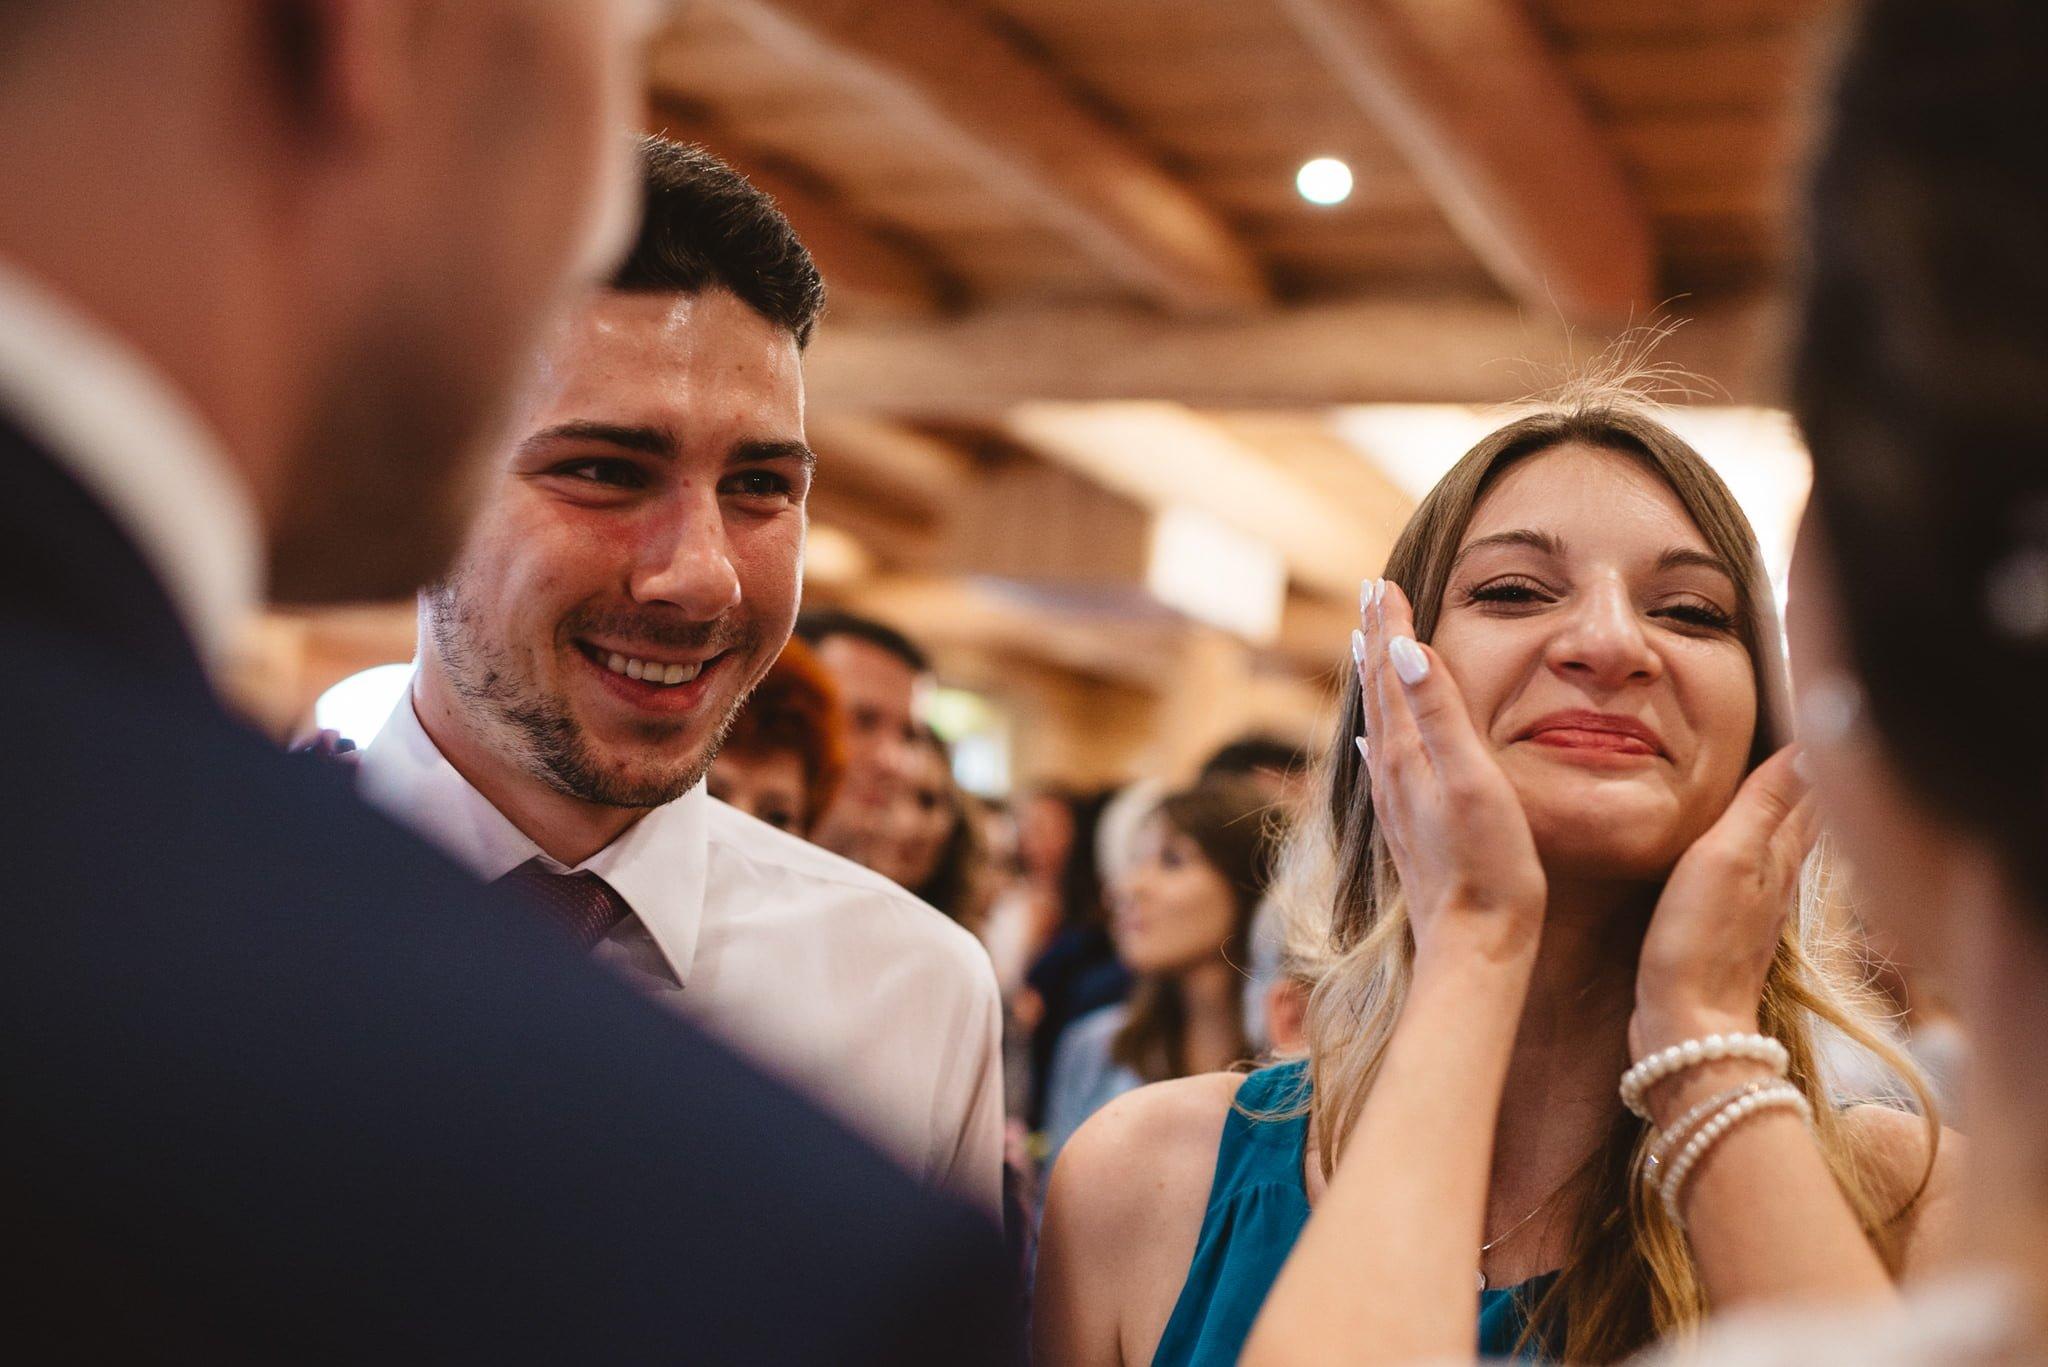 Ala i Arek, czyli jak zorganizować ślub i wesele w 4 tygodnie! 171